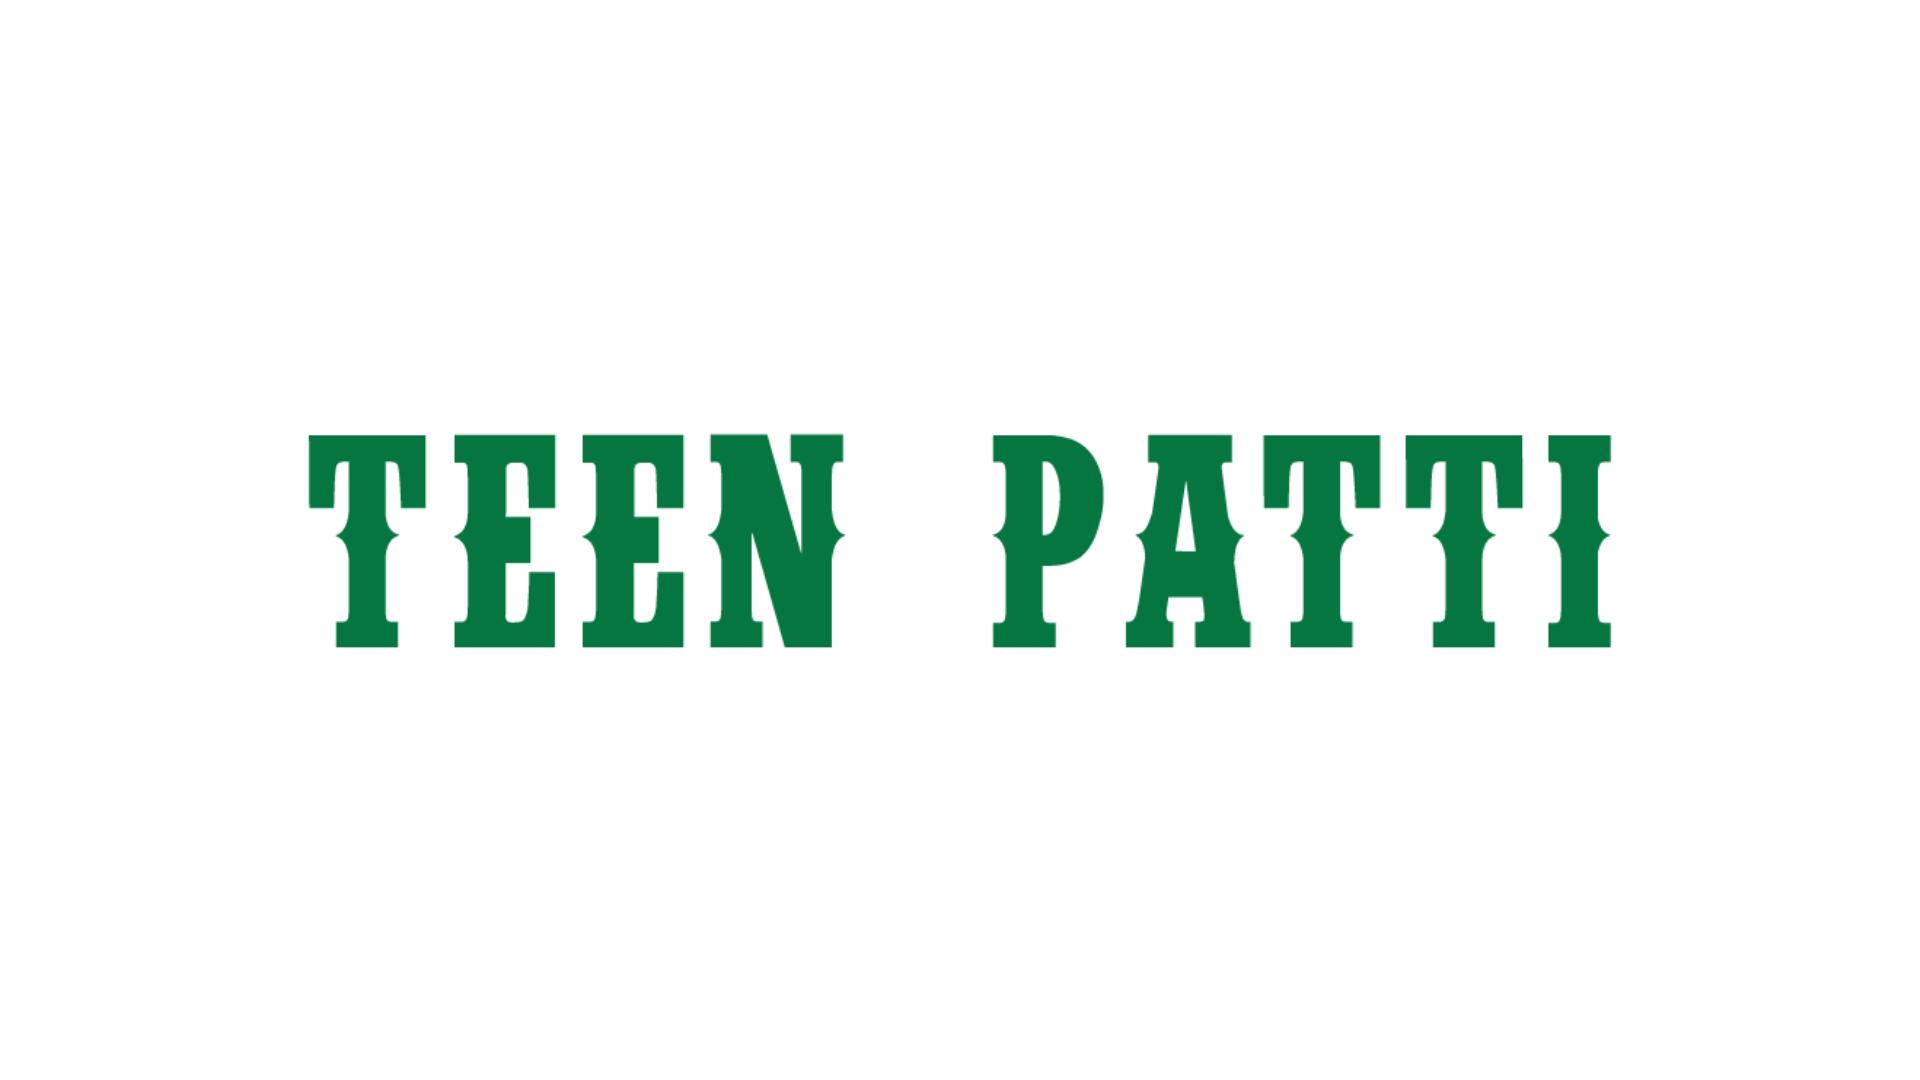 Indian Teen Patti